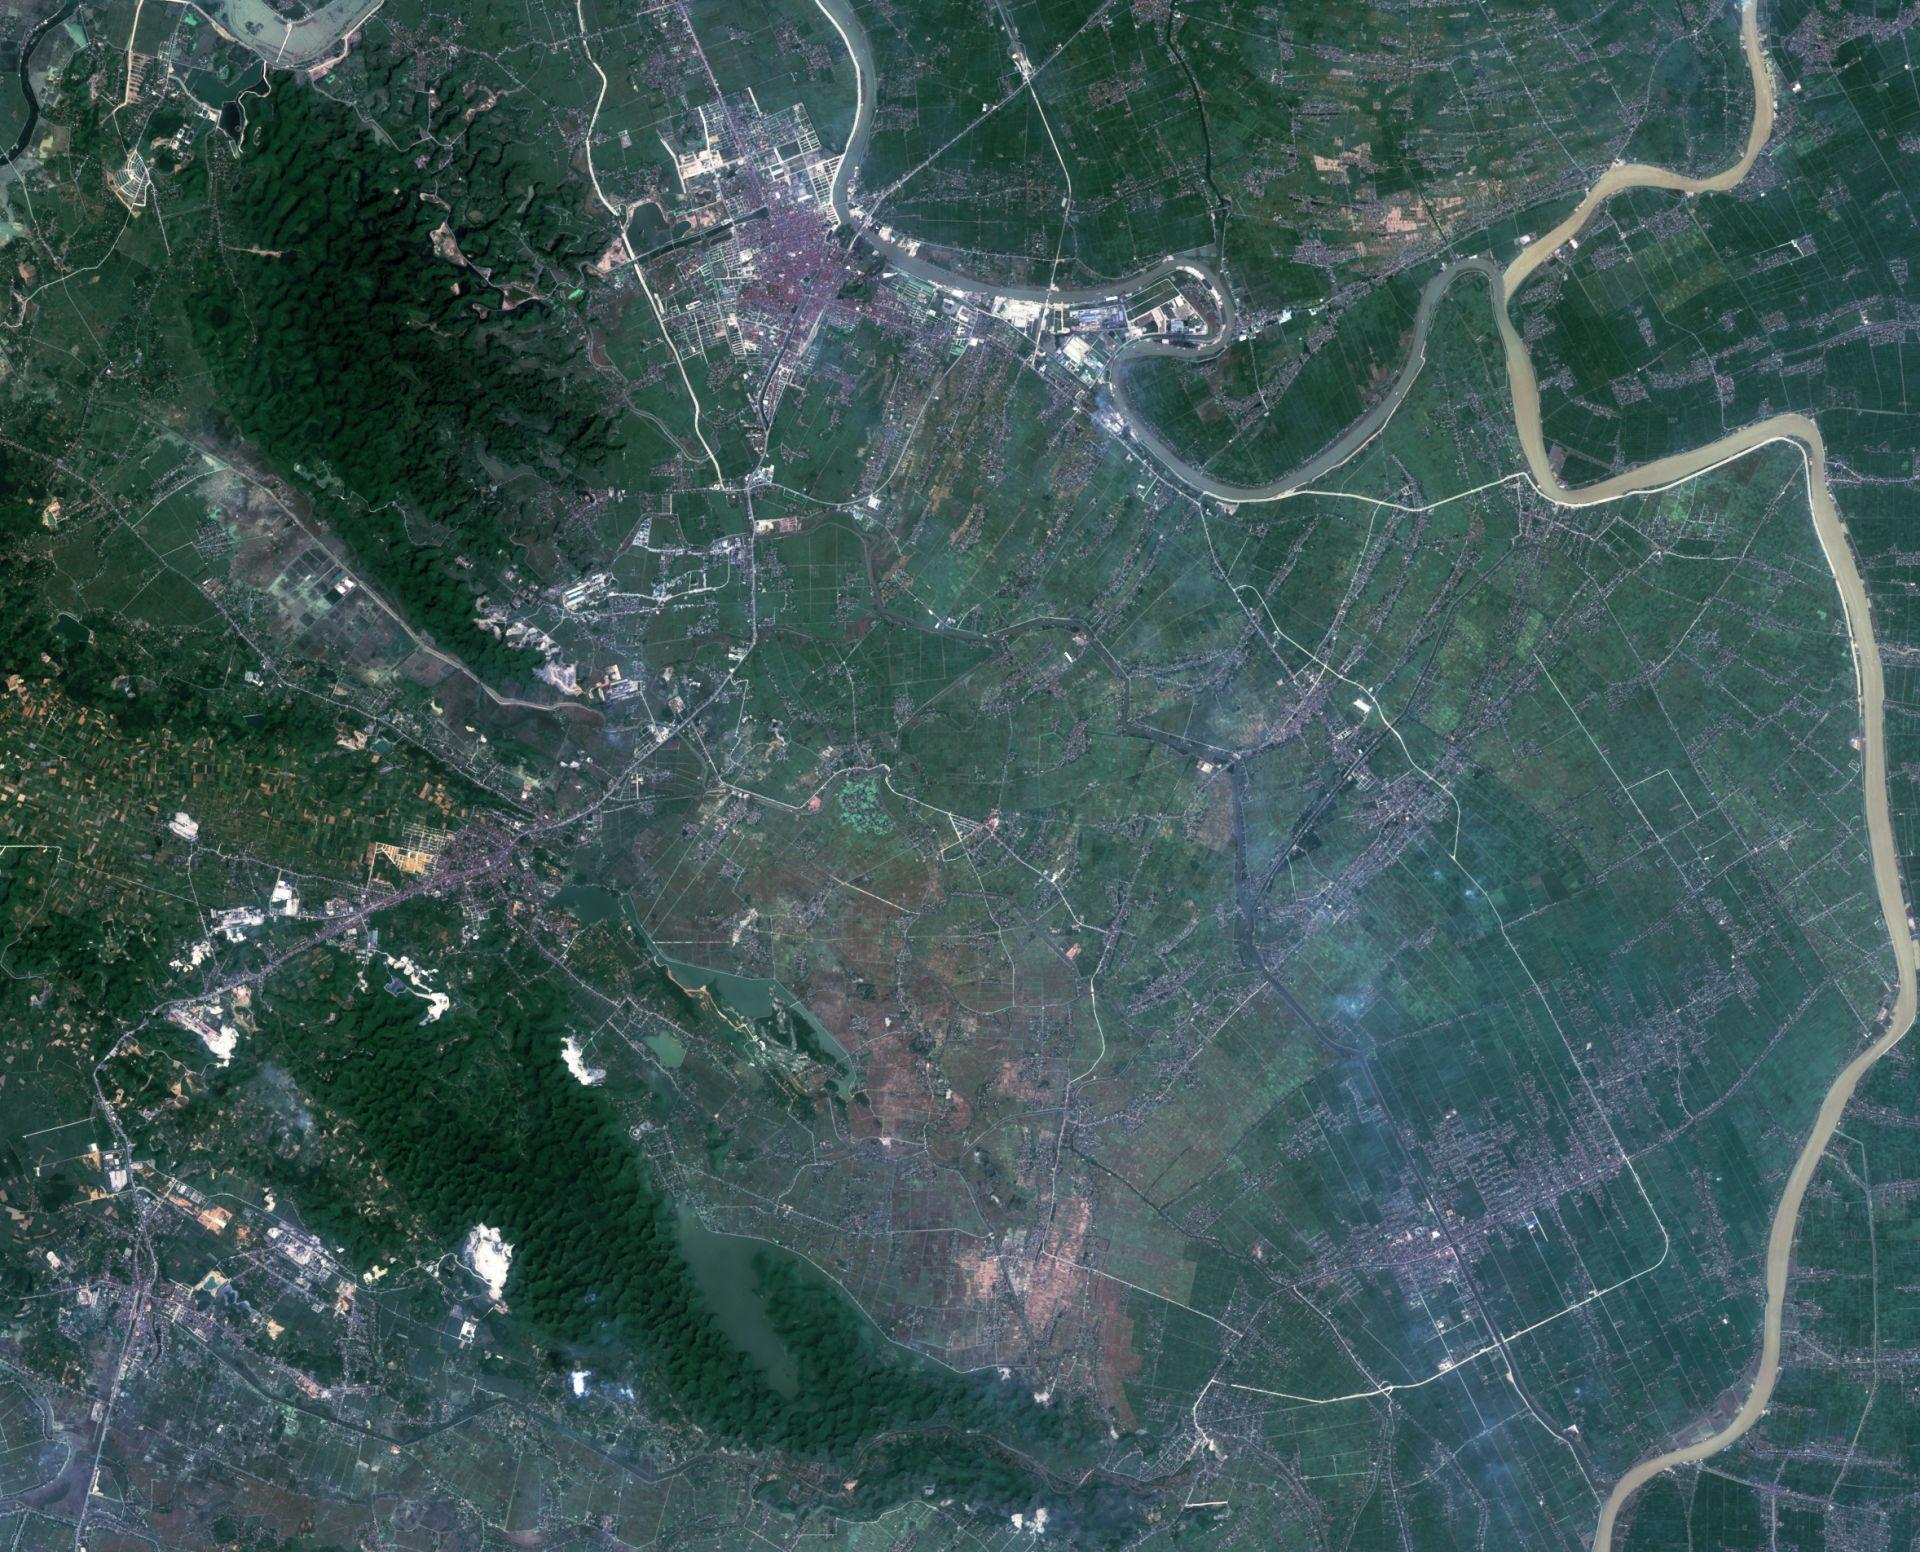 Un autre regard sur la Terre - Quiz image satellite et environnement - Image mystère - Observation de la Terre - quizz - satellite d'observation